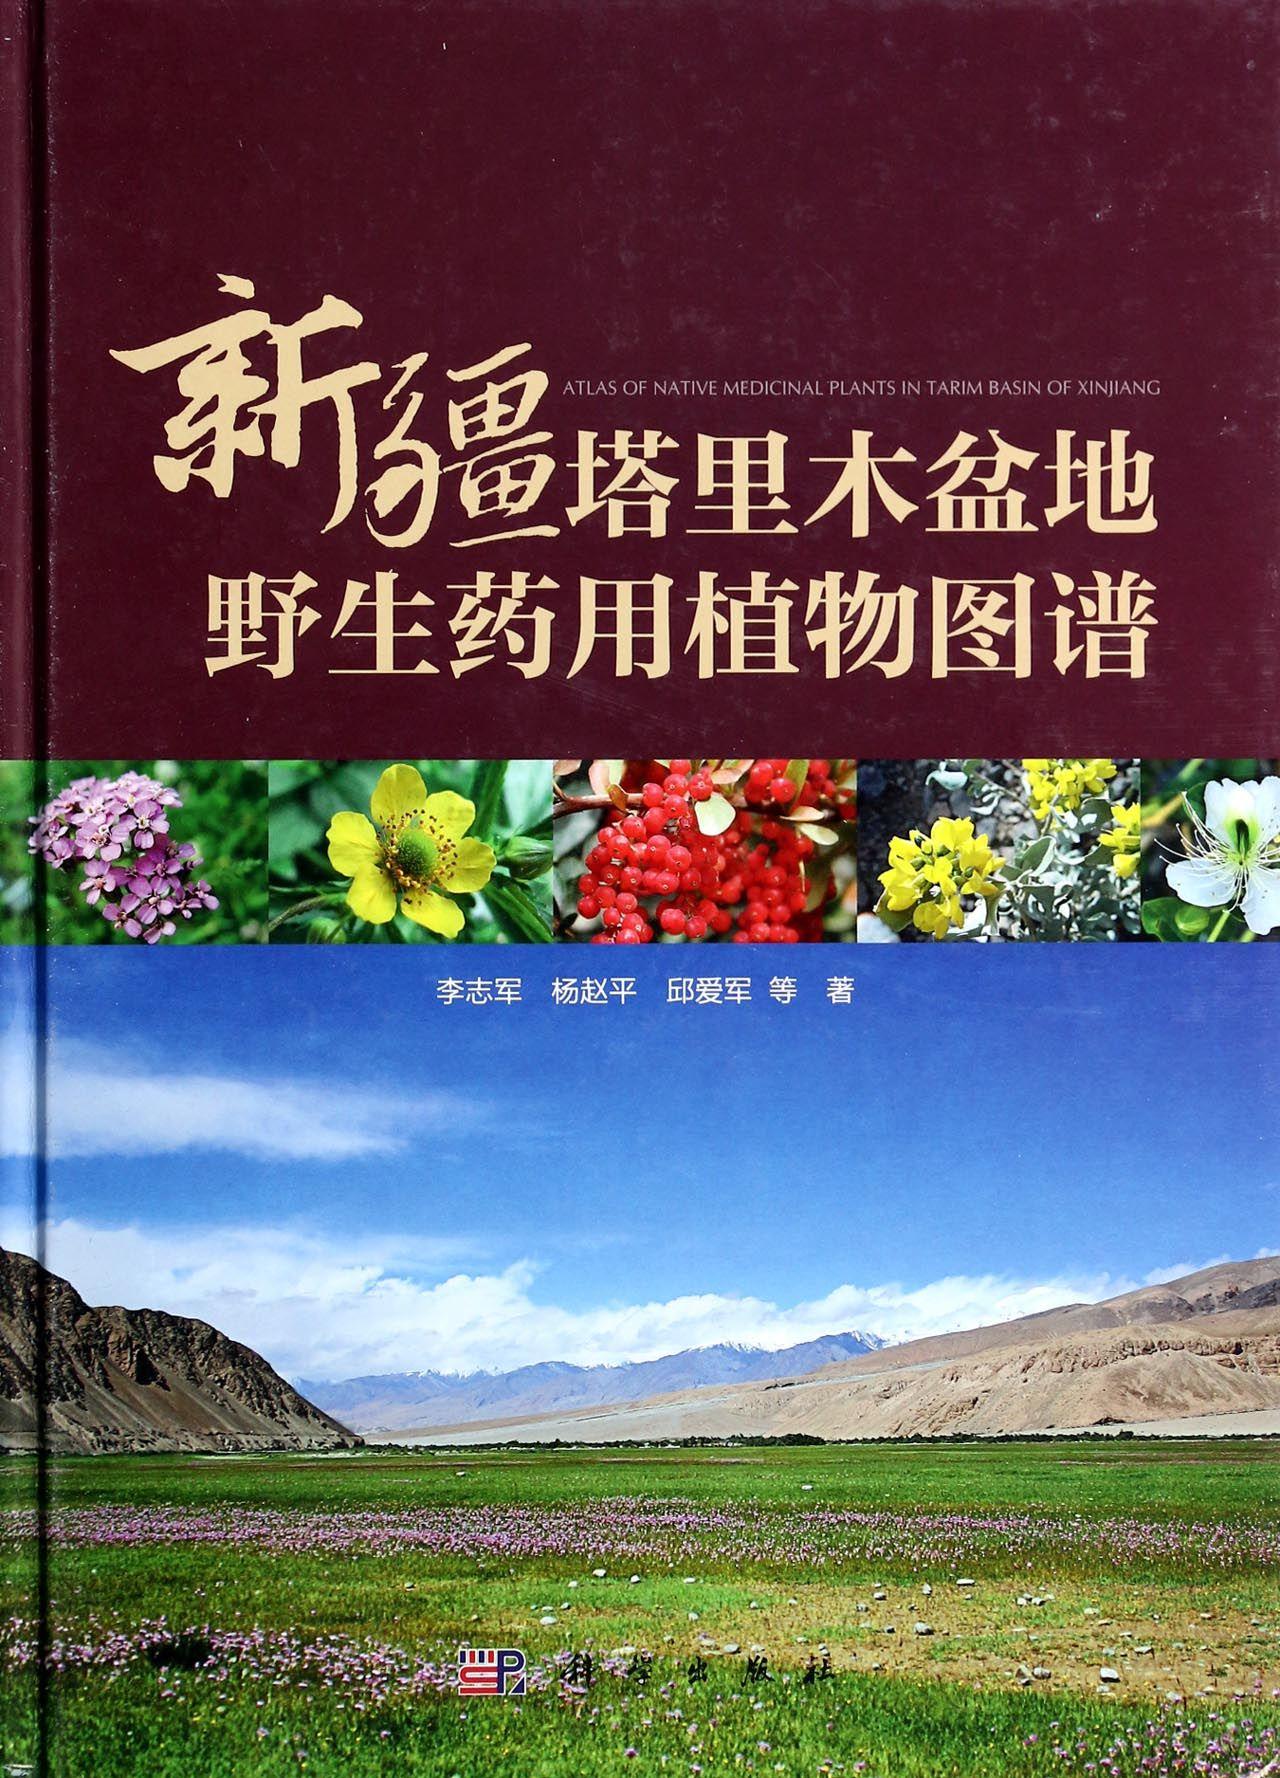 新疆塔里木盆地野生药用植物图谱(精)